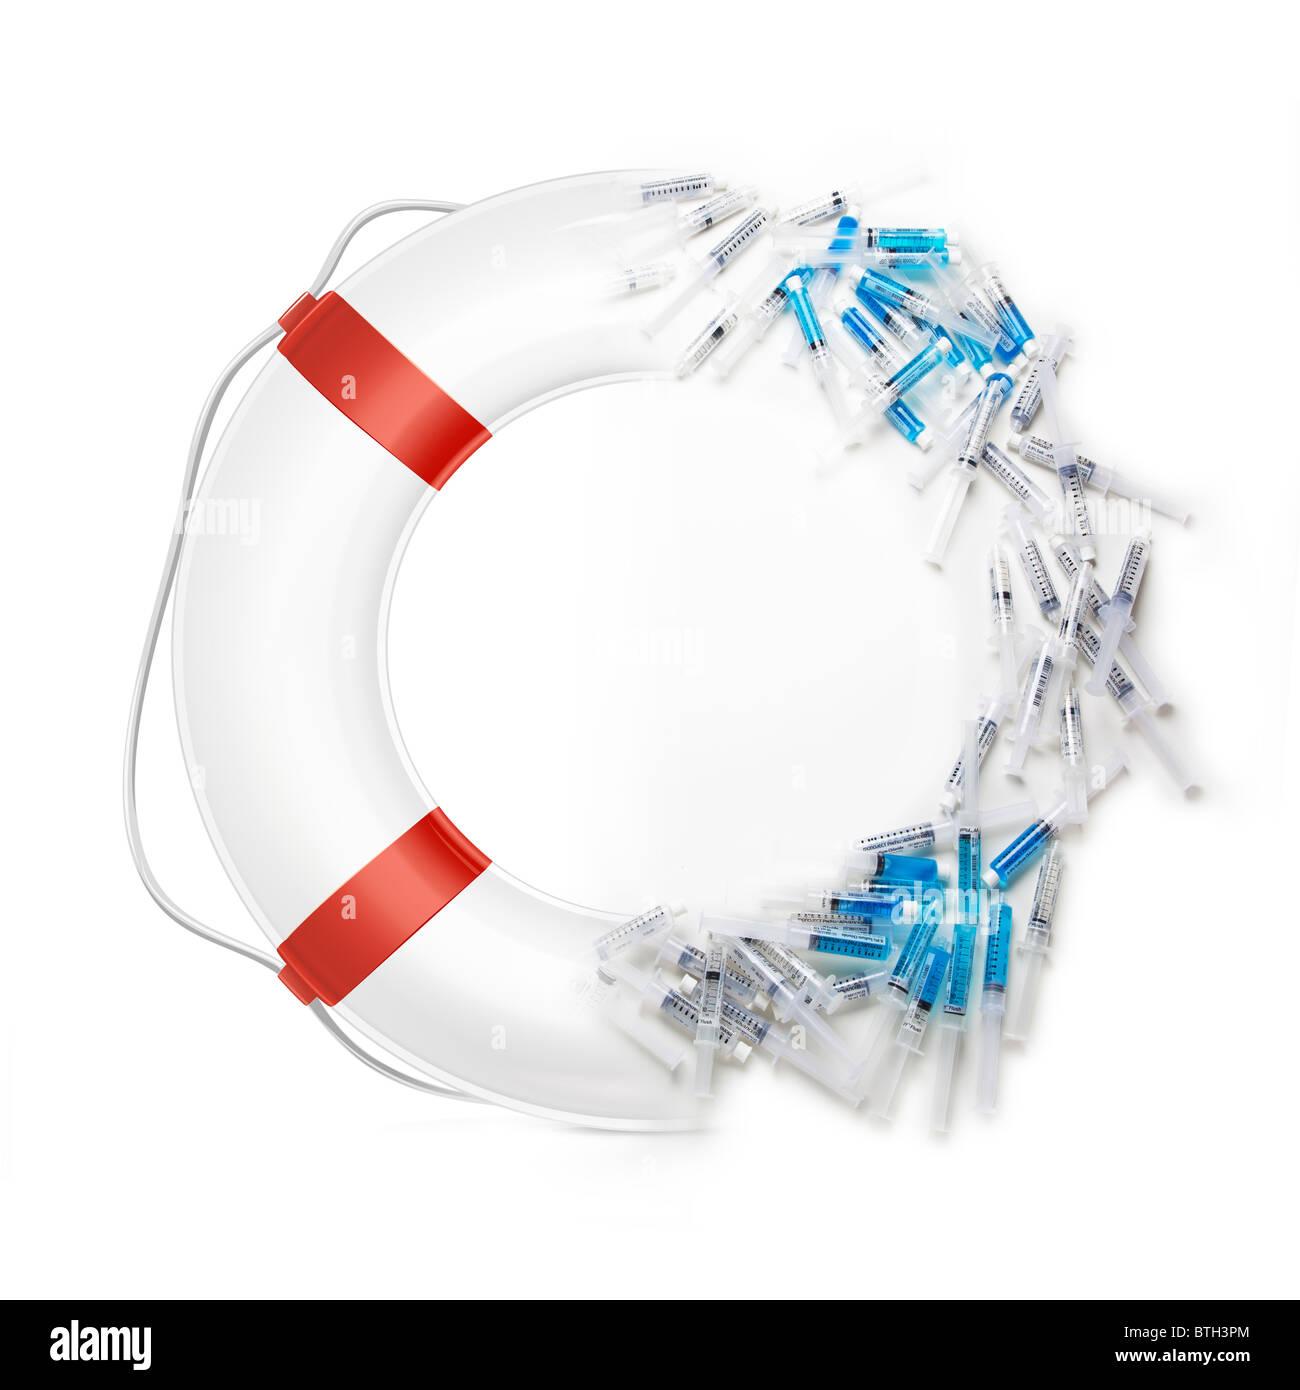 Salvavidas salvavidas con inyecciones o jeringas que componen la mitad de ella. Imagen De Stock